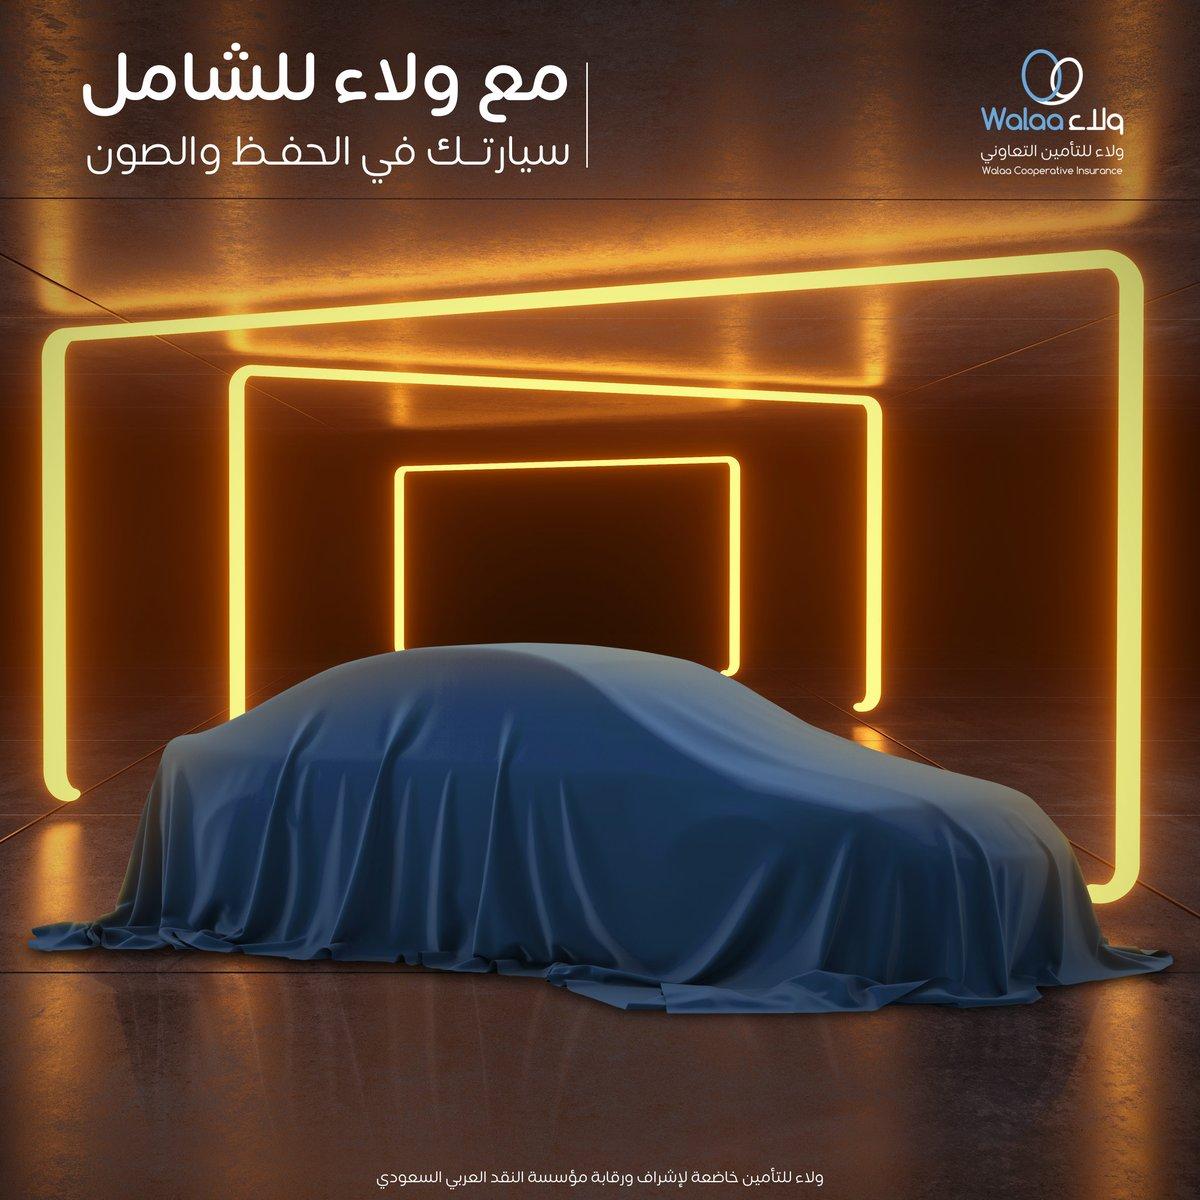 الشركة السعودية المتحدة للتأمين التعاوني ولاء Walaa